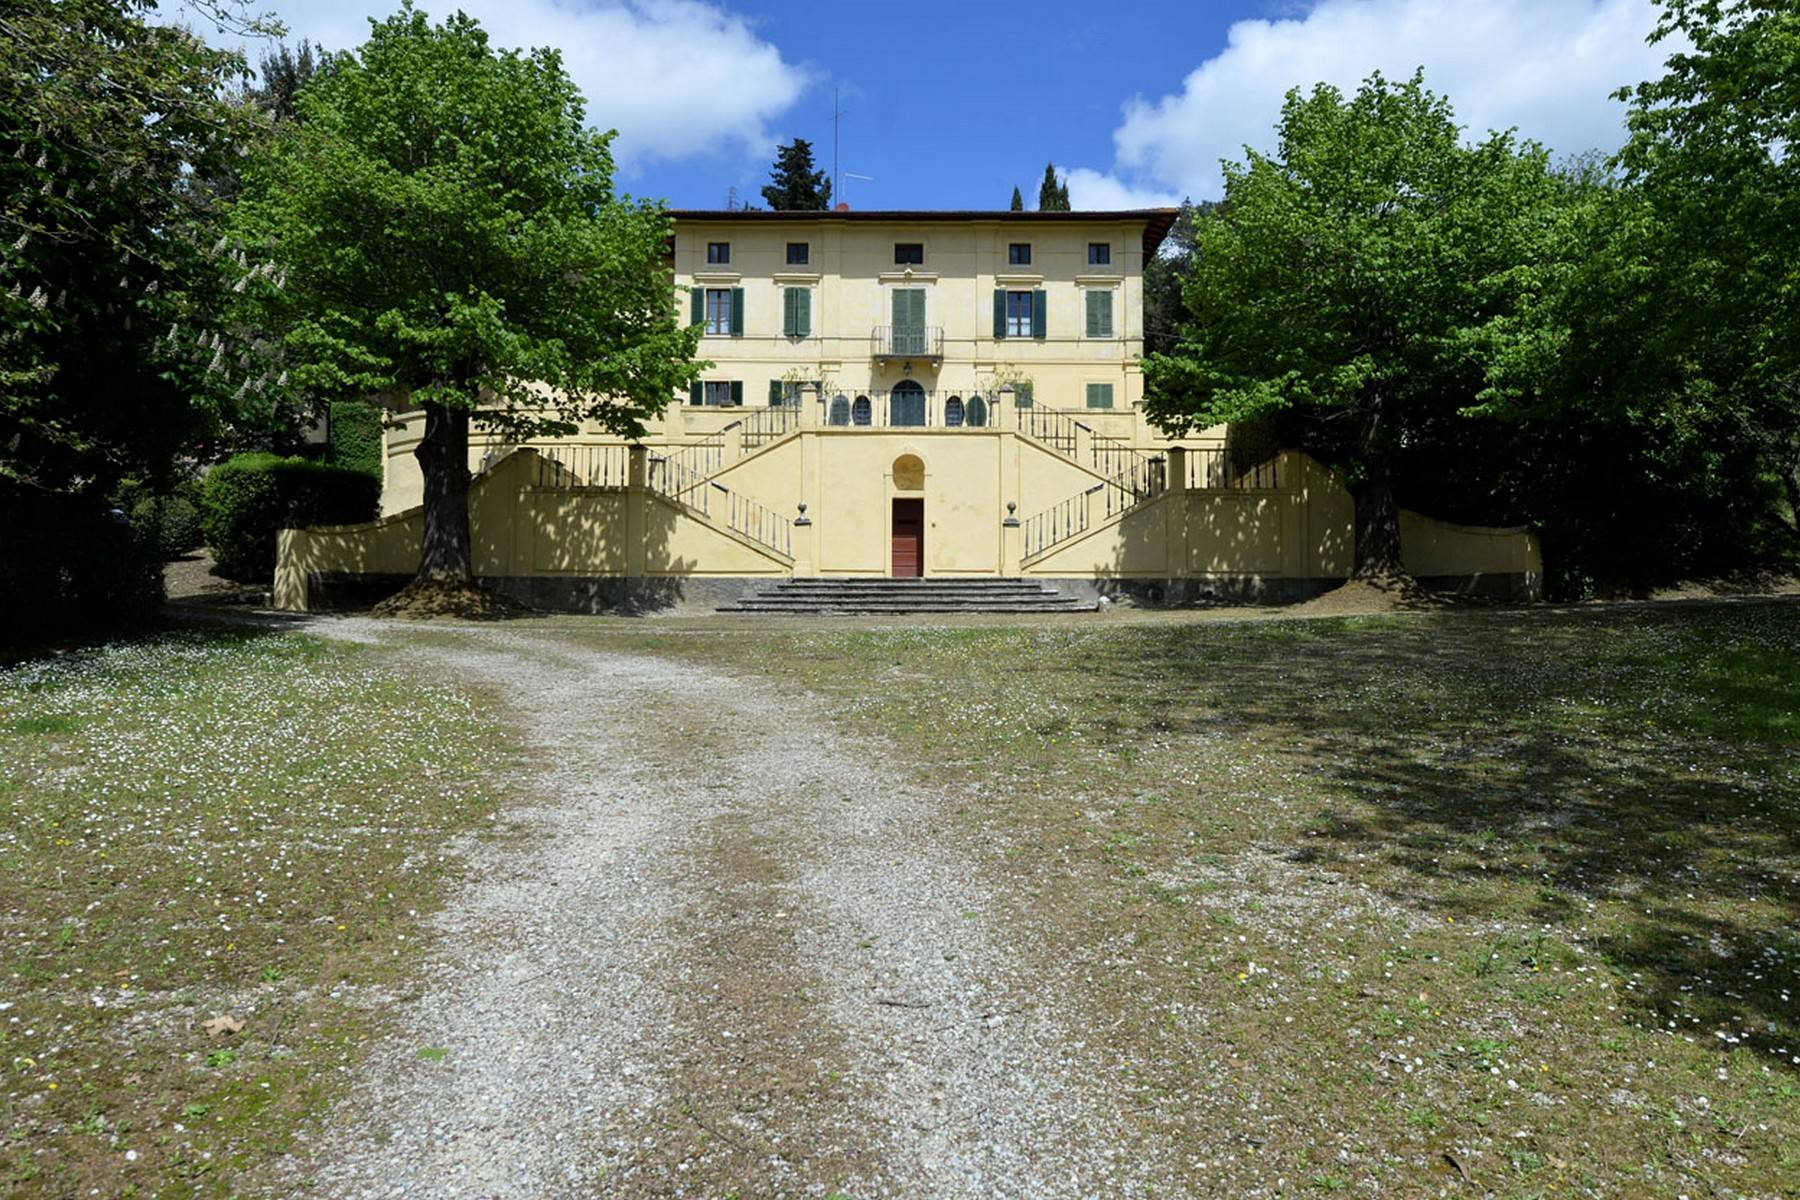 Spettacolare Villa Aristocratica alle Porte di Siena - 4